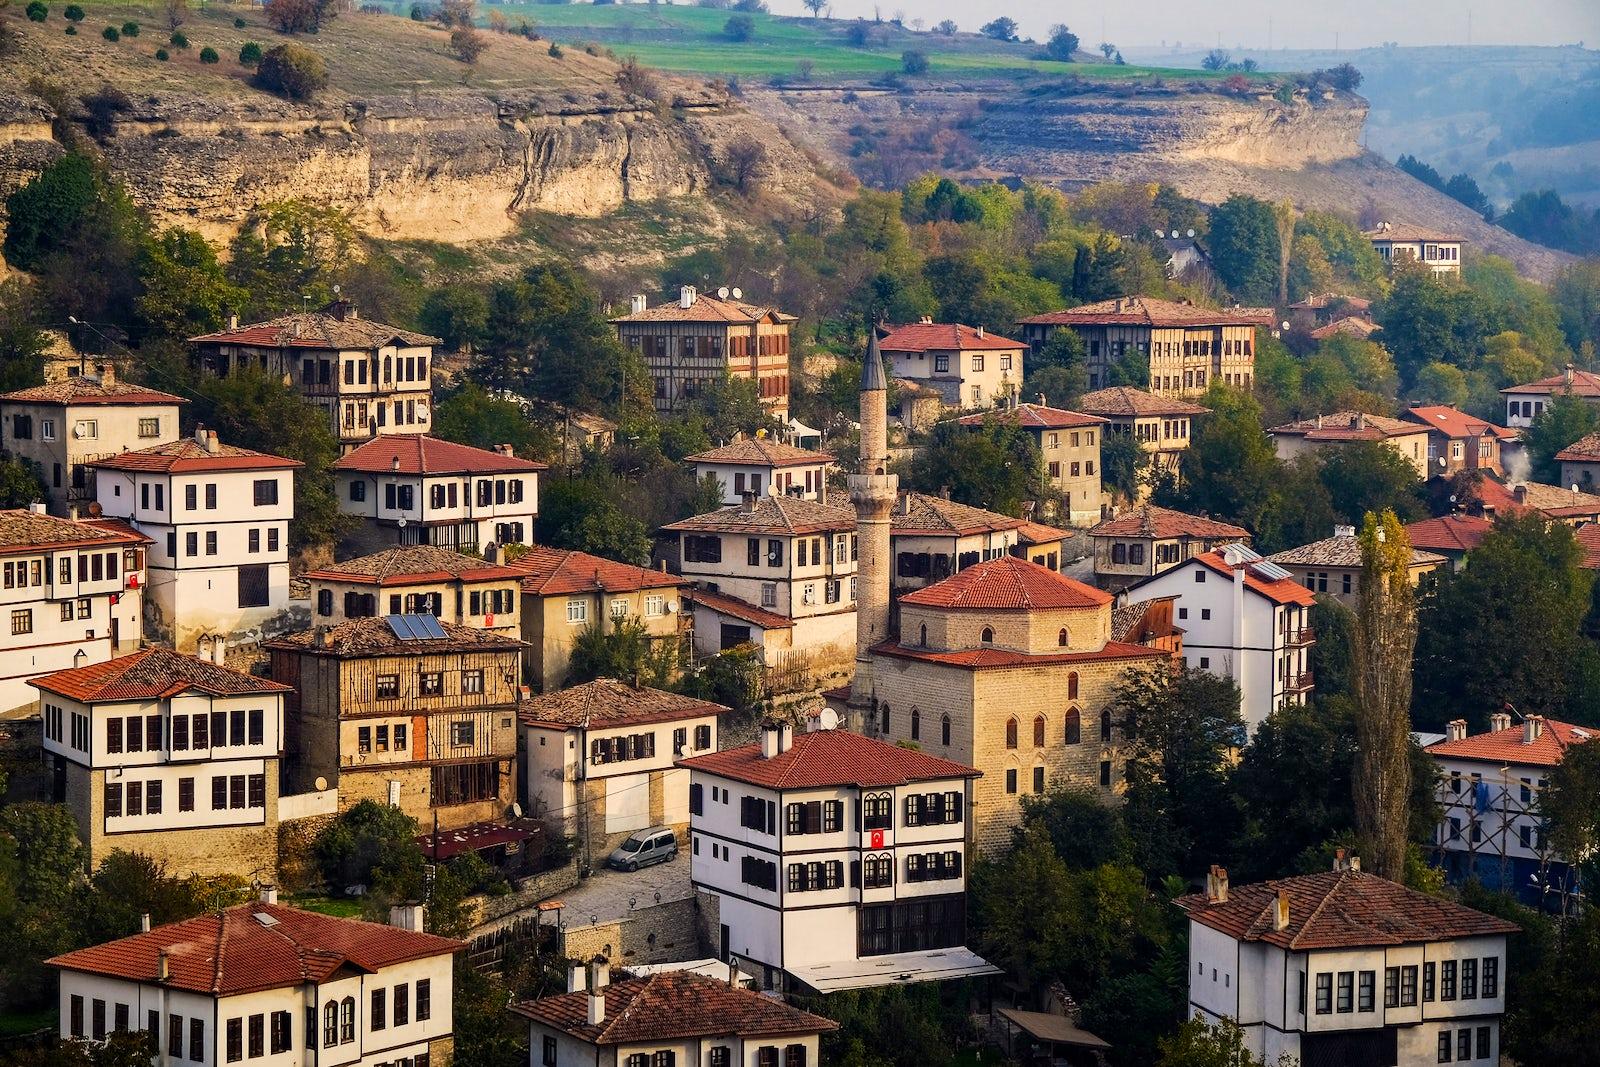 Slikovni rezultat za City of Safranbolu